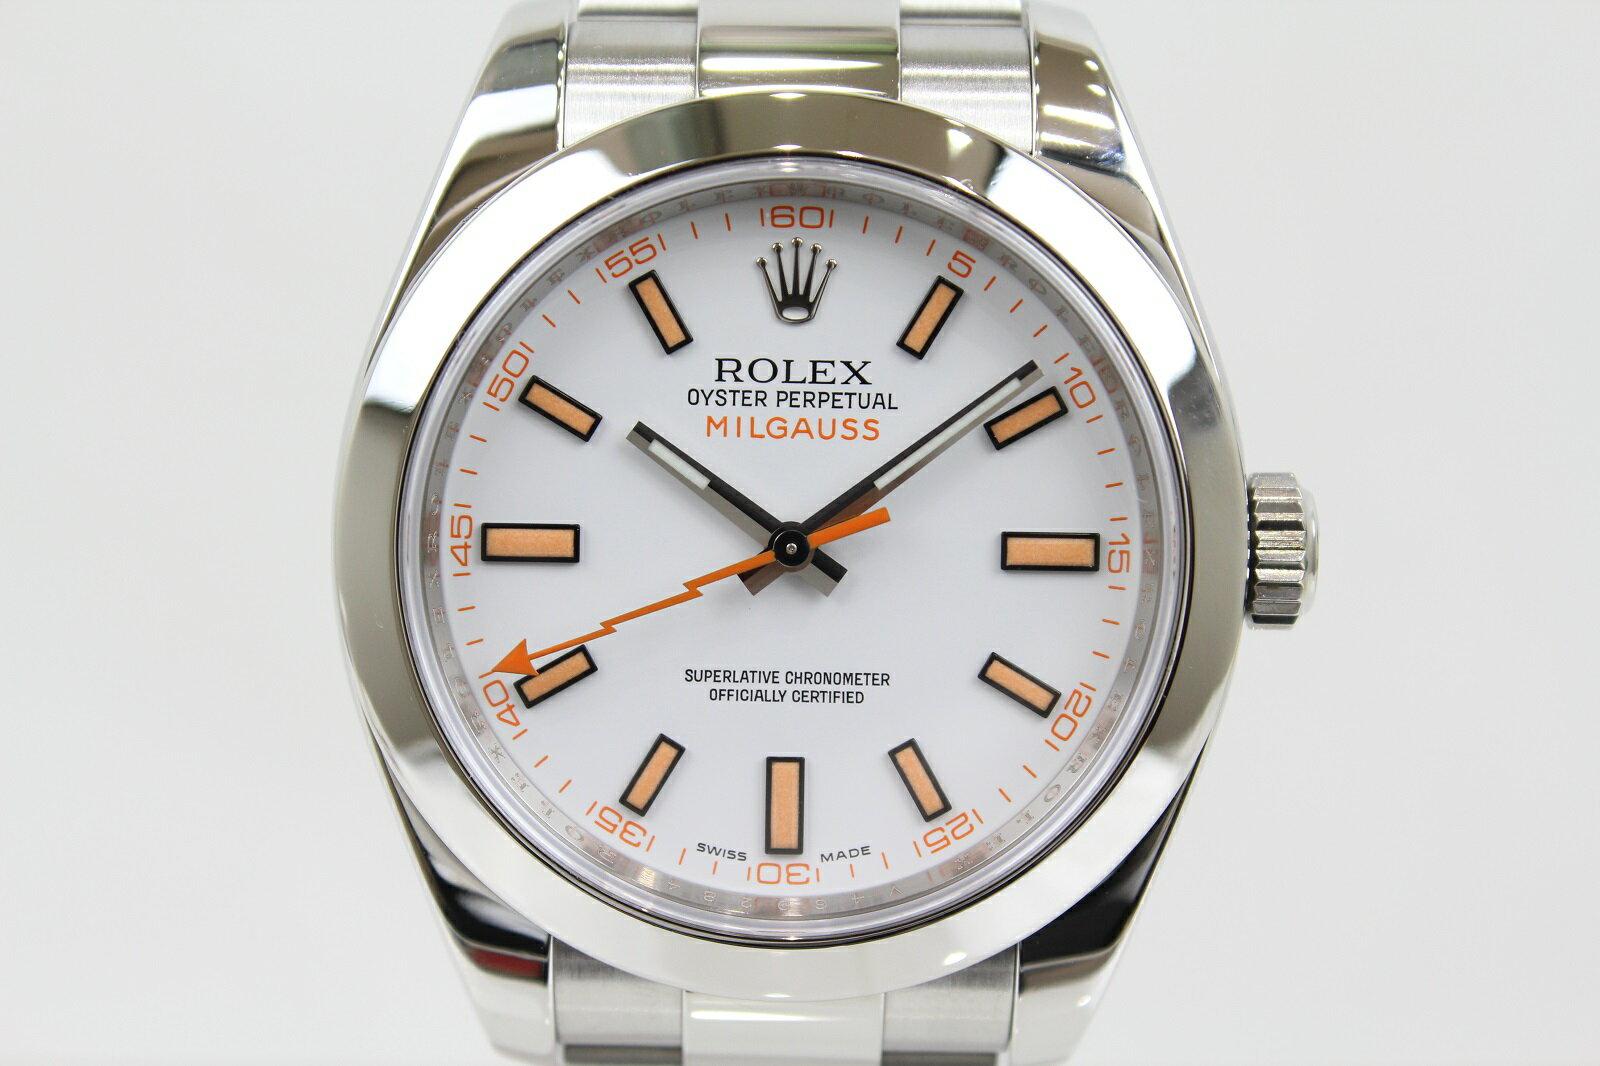 【ギャラ有】ROLEX ロレックス ミルガウス 116400 V番 自動巻き SS ステンレススチール ホワイト メンズ 腕時計【中古】